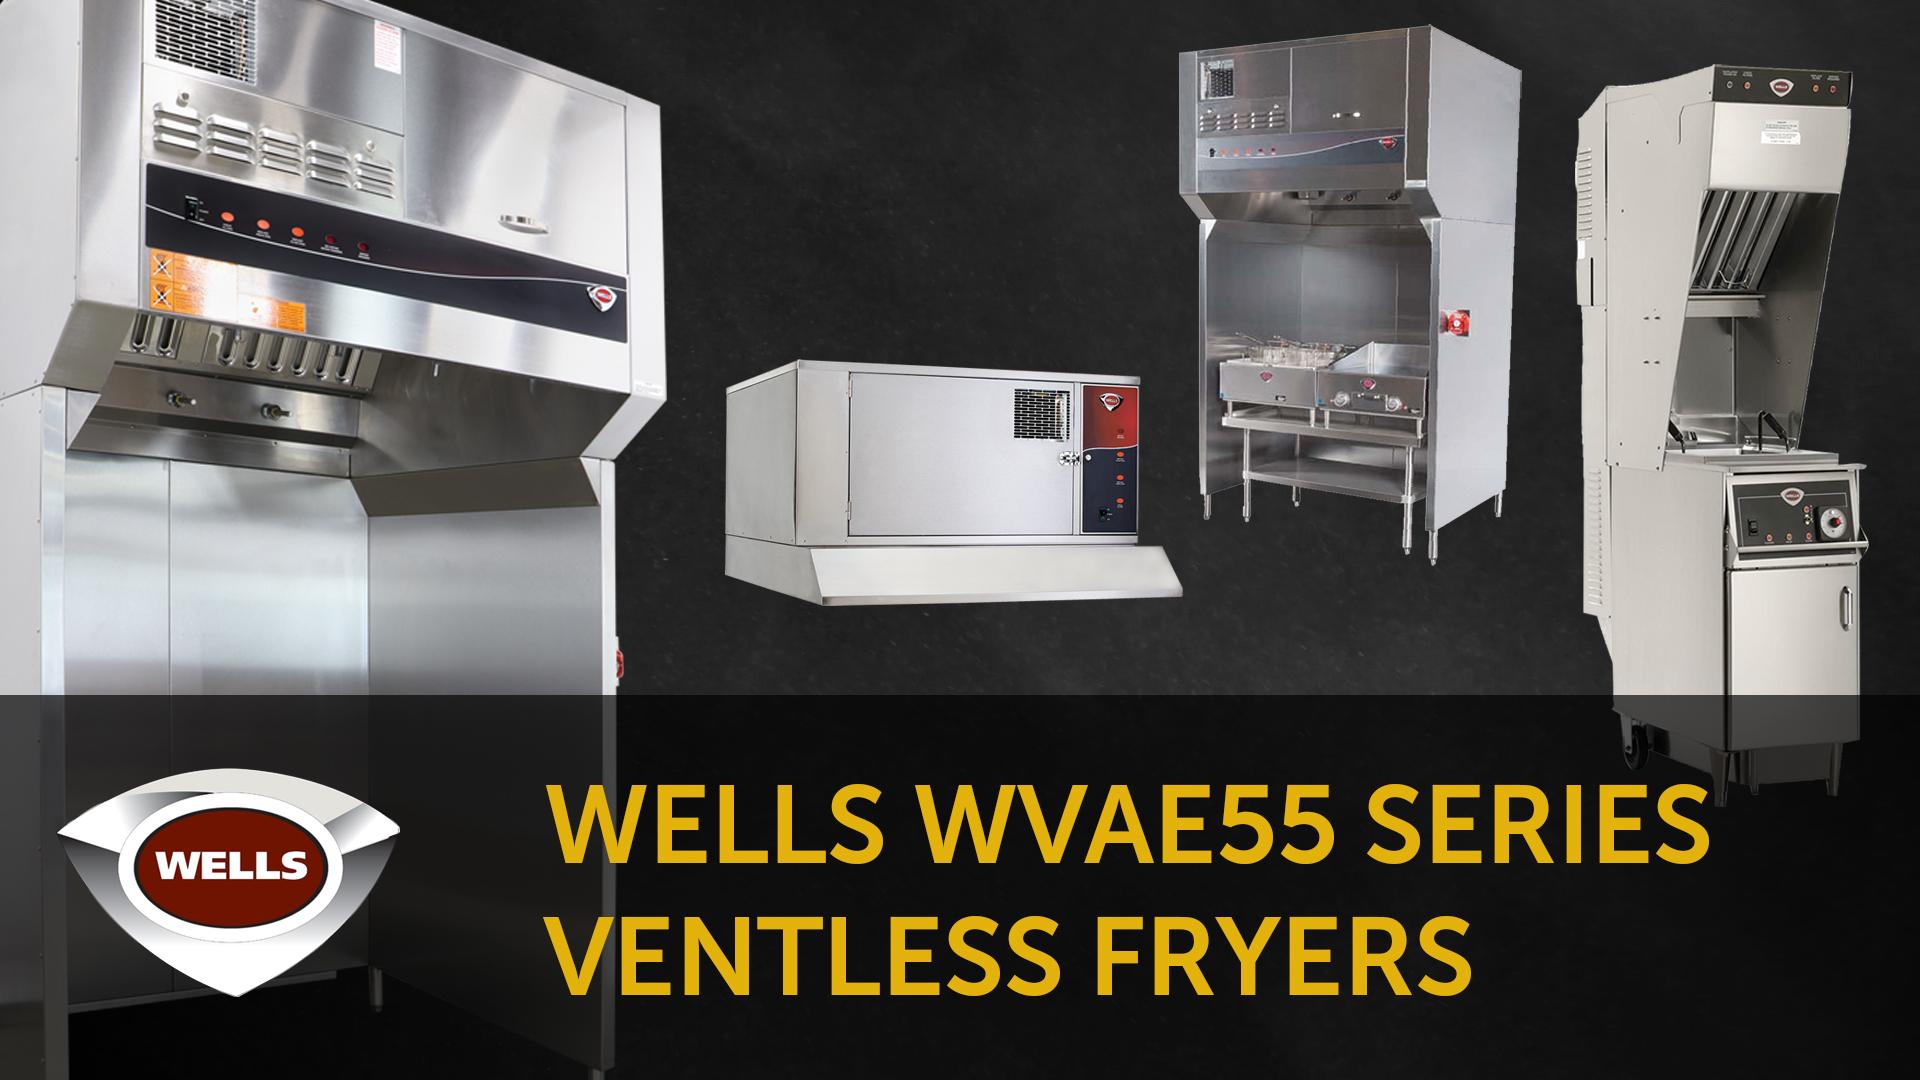 Wells WVAE55 Ventless Fryer